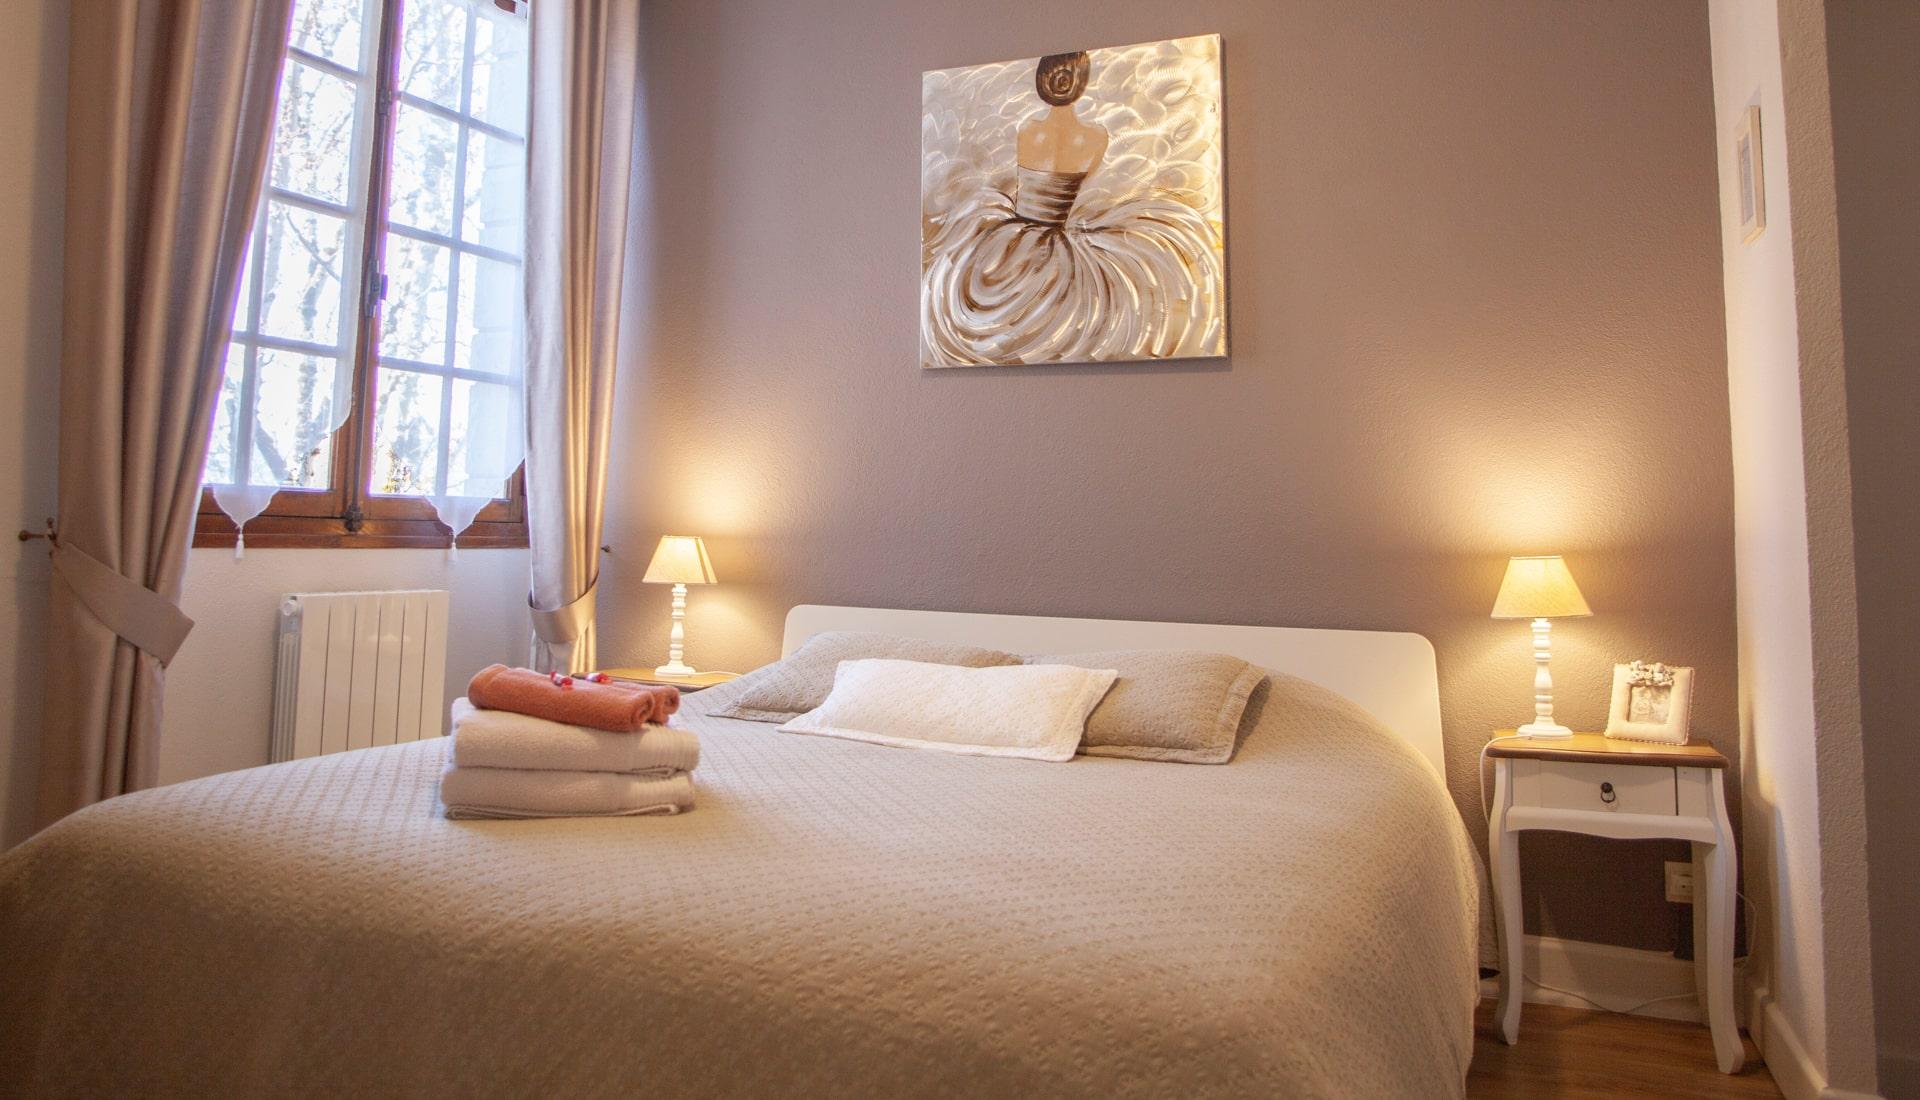 <h1>Chambres & Table d'hôtes Lot & Dordogne</h1>